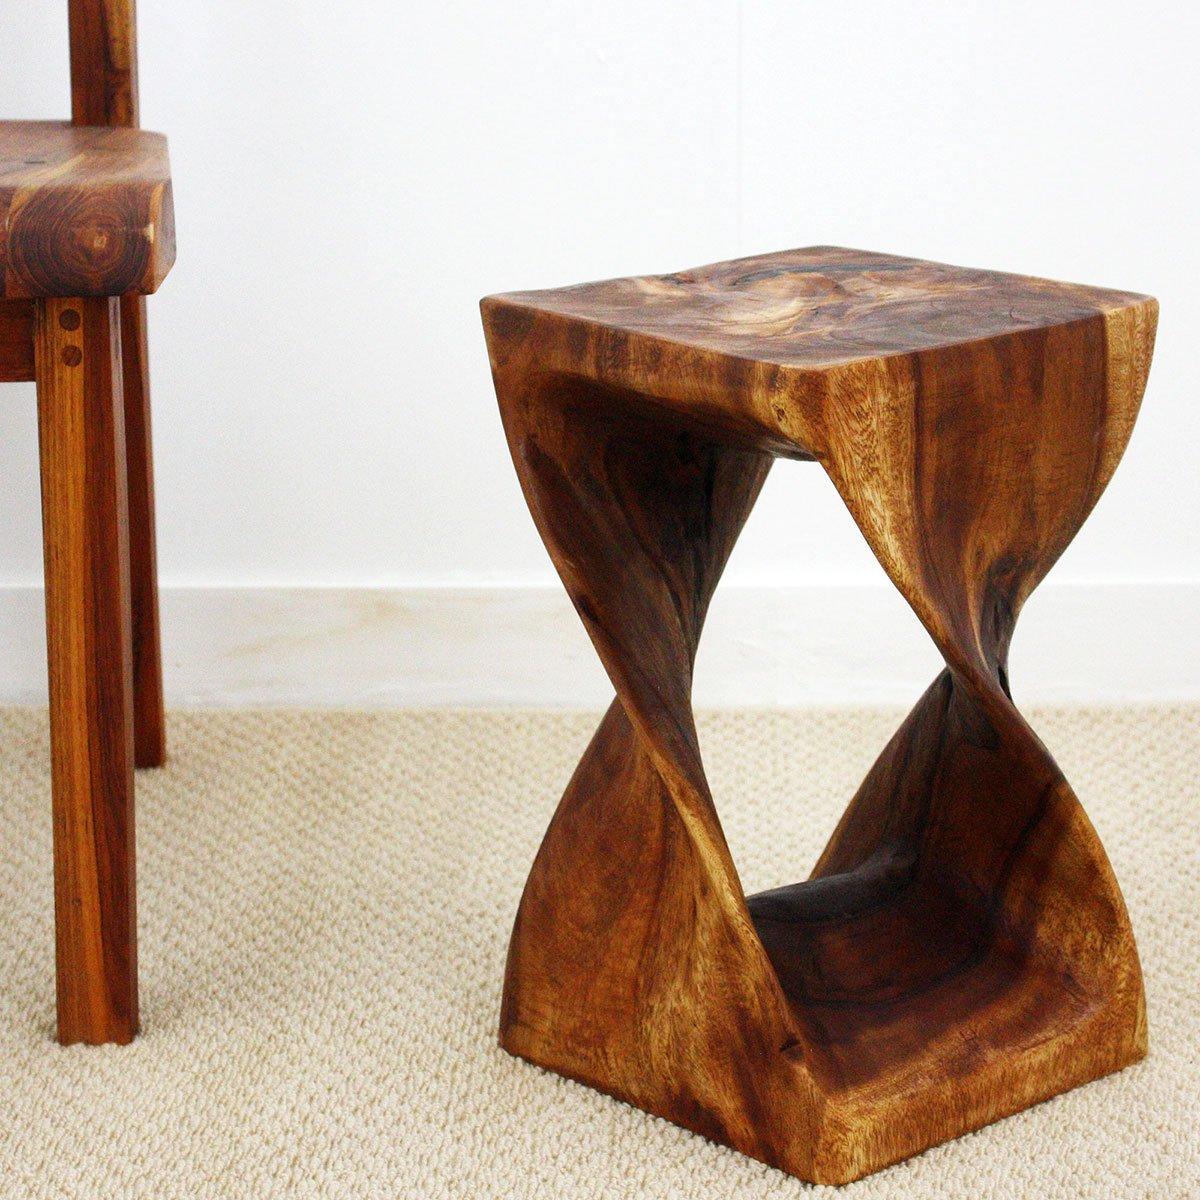 Haussmann TS1016-Wal Twist End Table, Walnut, 16''